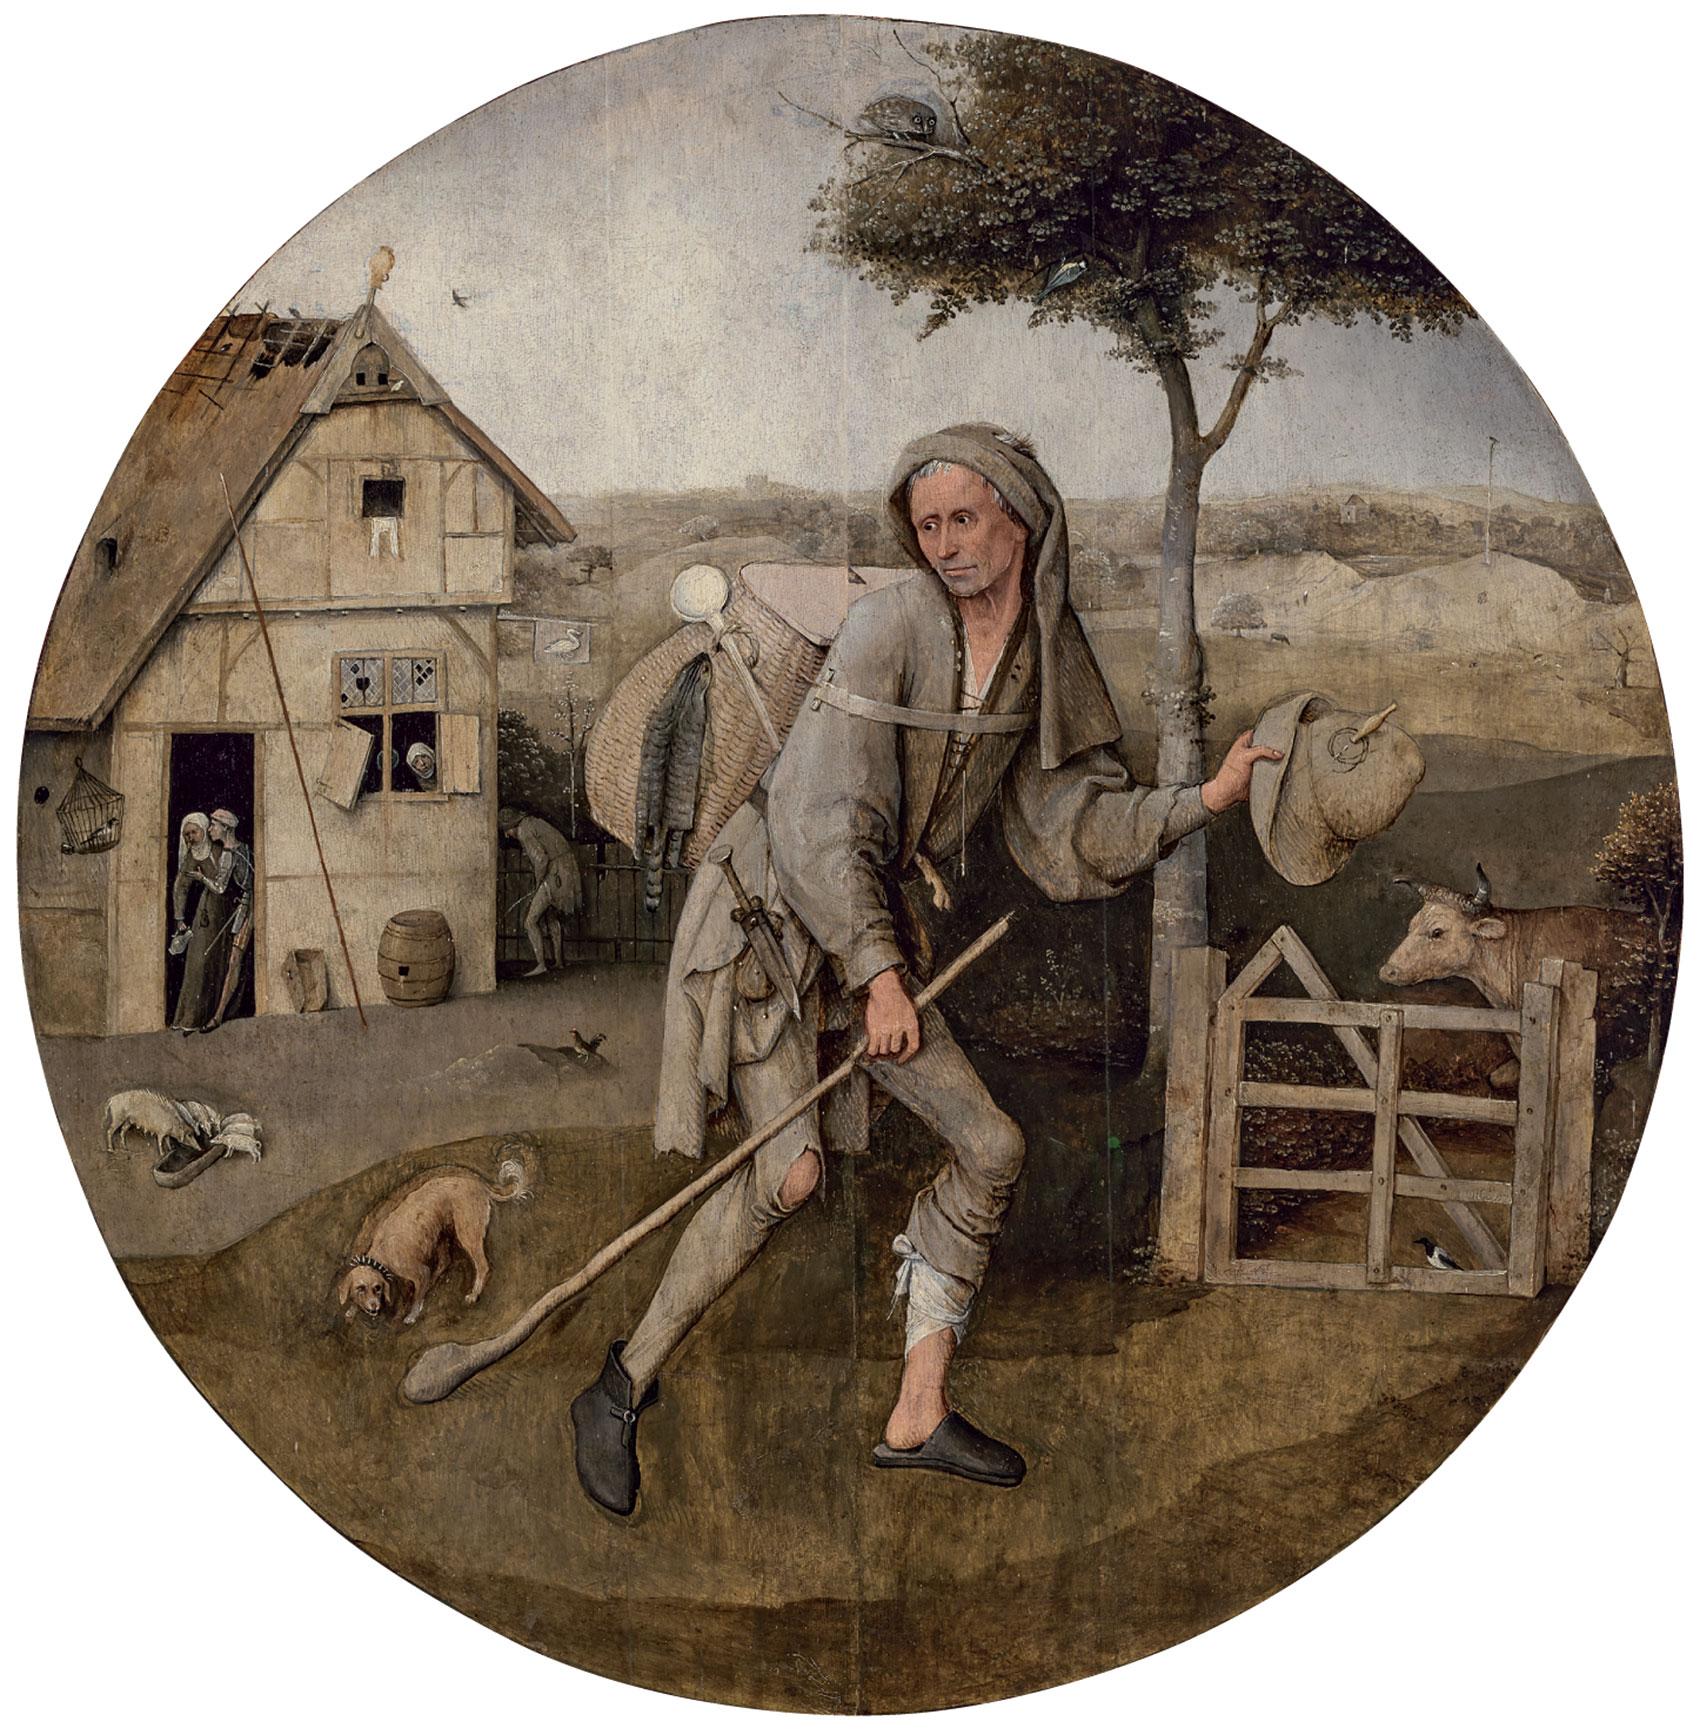 ヒエロニムス・ボス「放浪者」1500年頃 油彩、板 Museum BVB, Rotterdam, the Netherlands